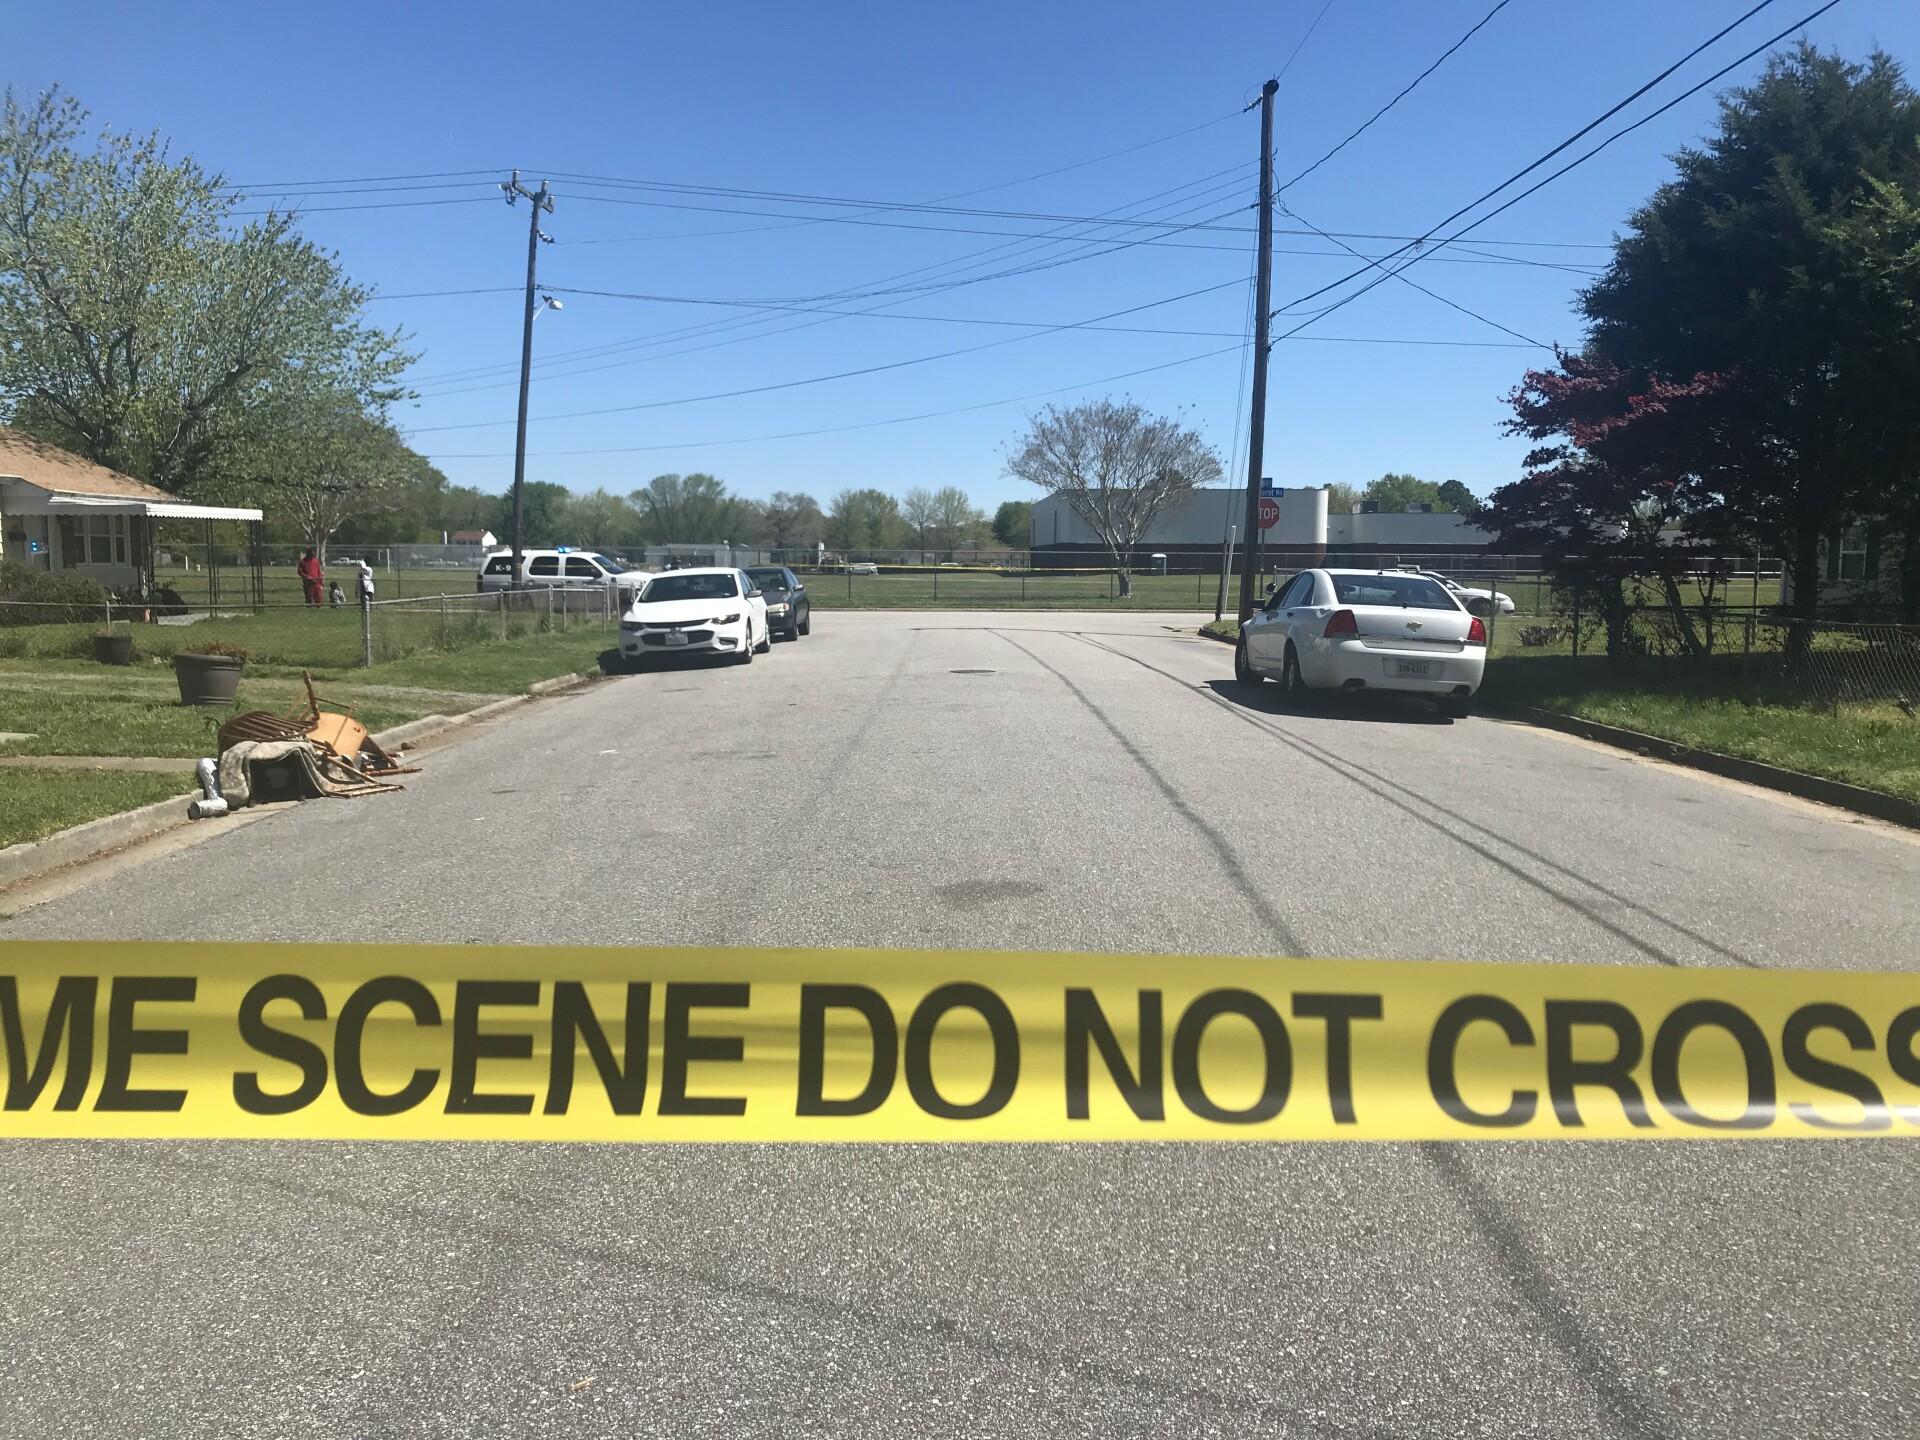 Photos: One man injured in Hamptonshooting